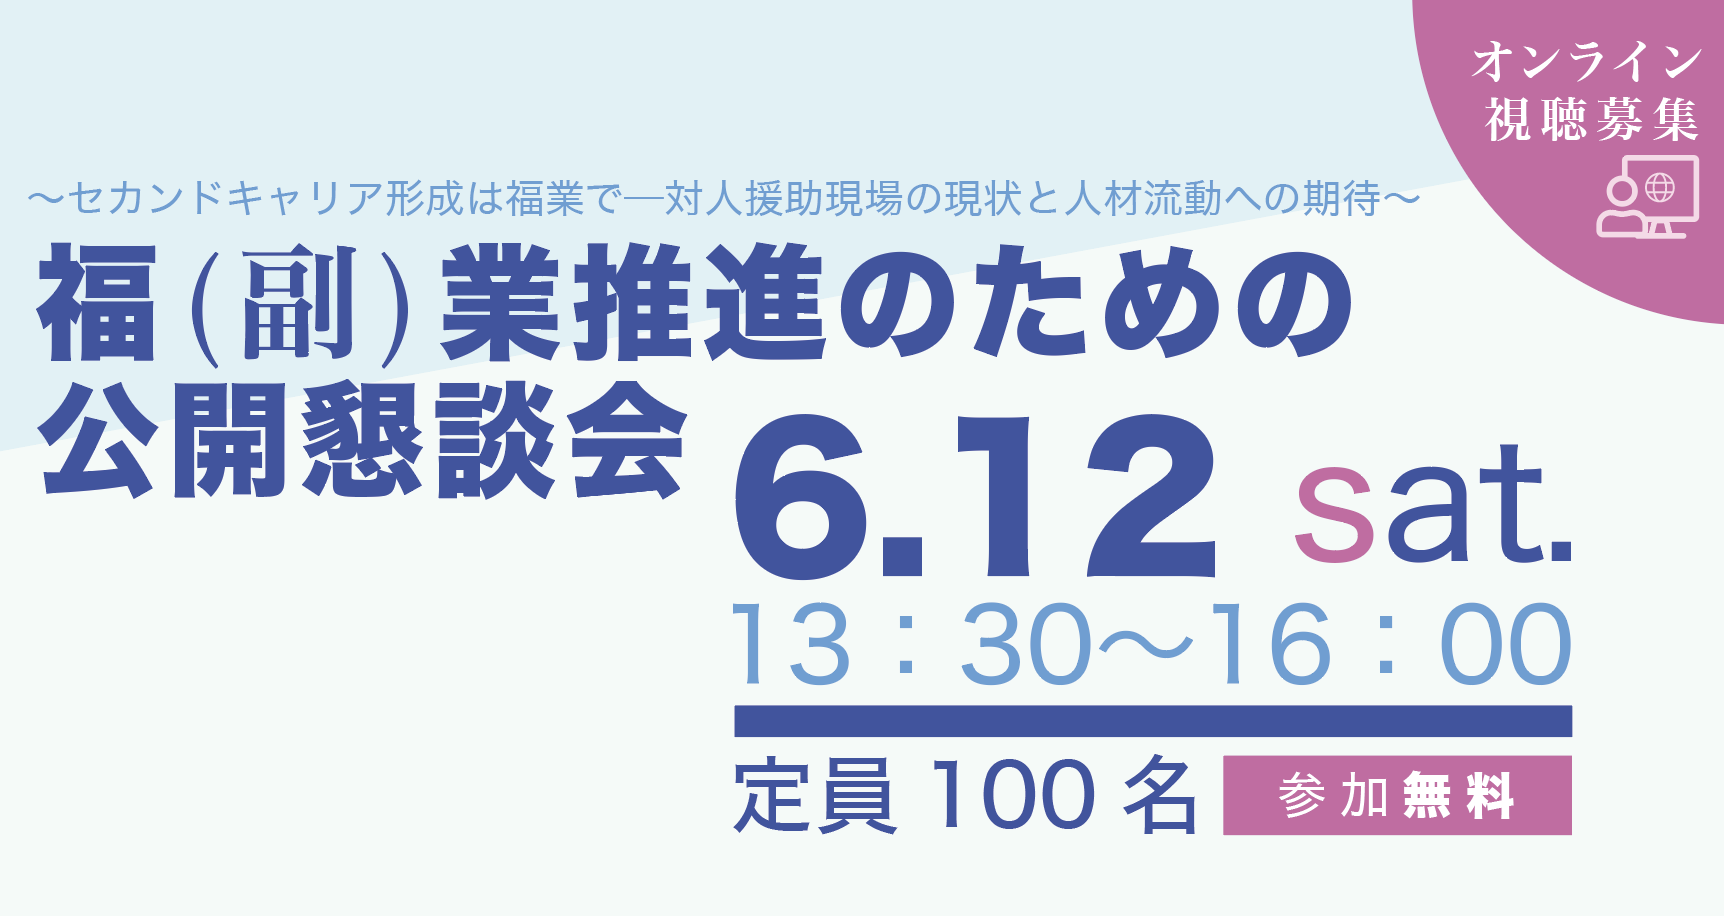 [2021.6.12]オンライン公開「福(副)業推進のための公開懇談会」を開催します。